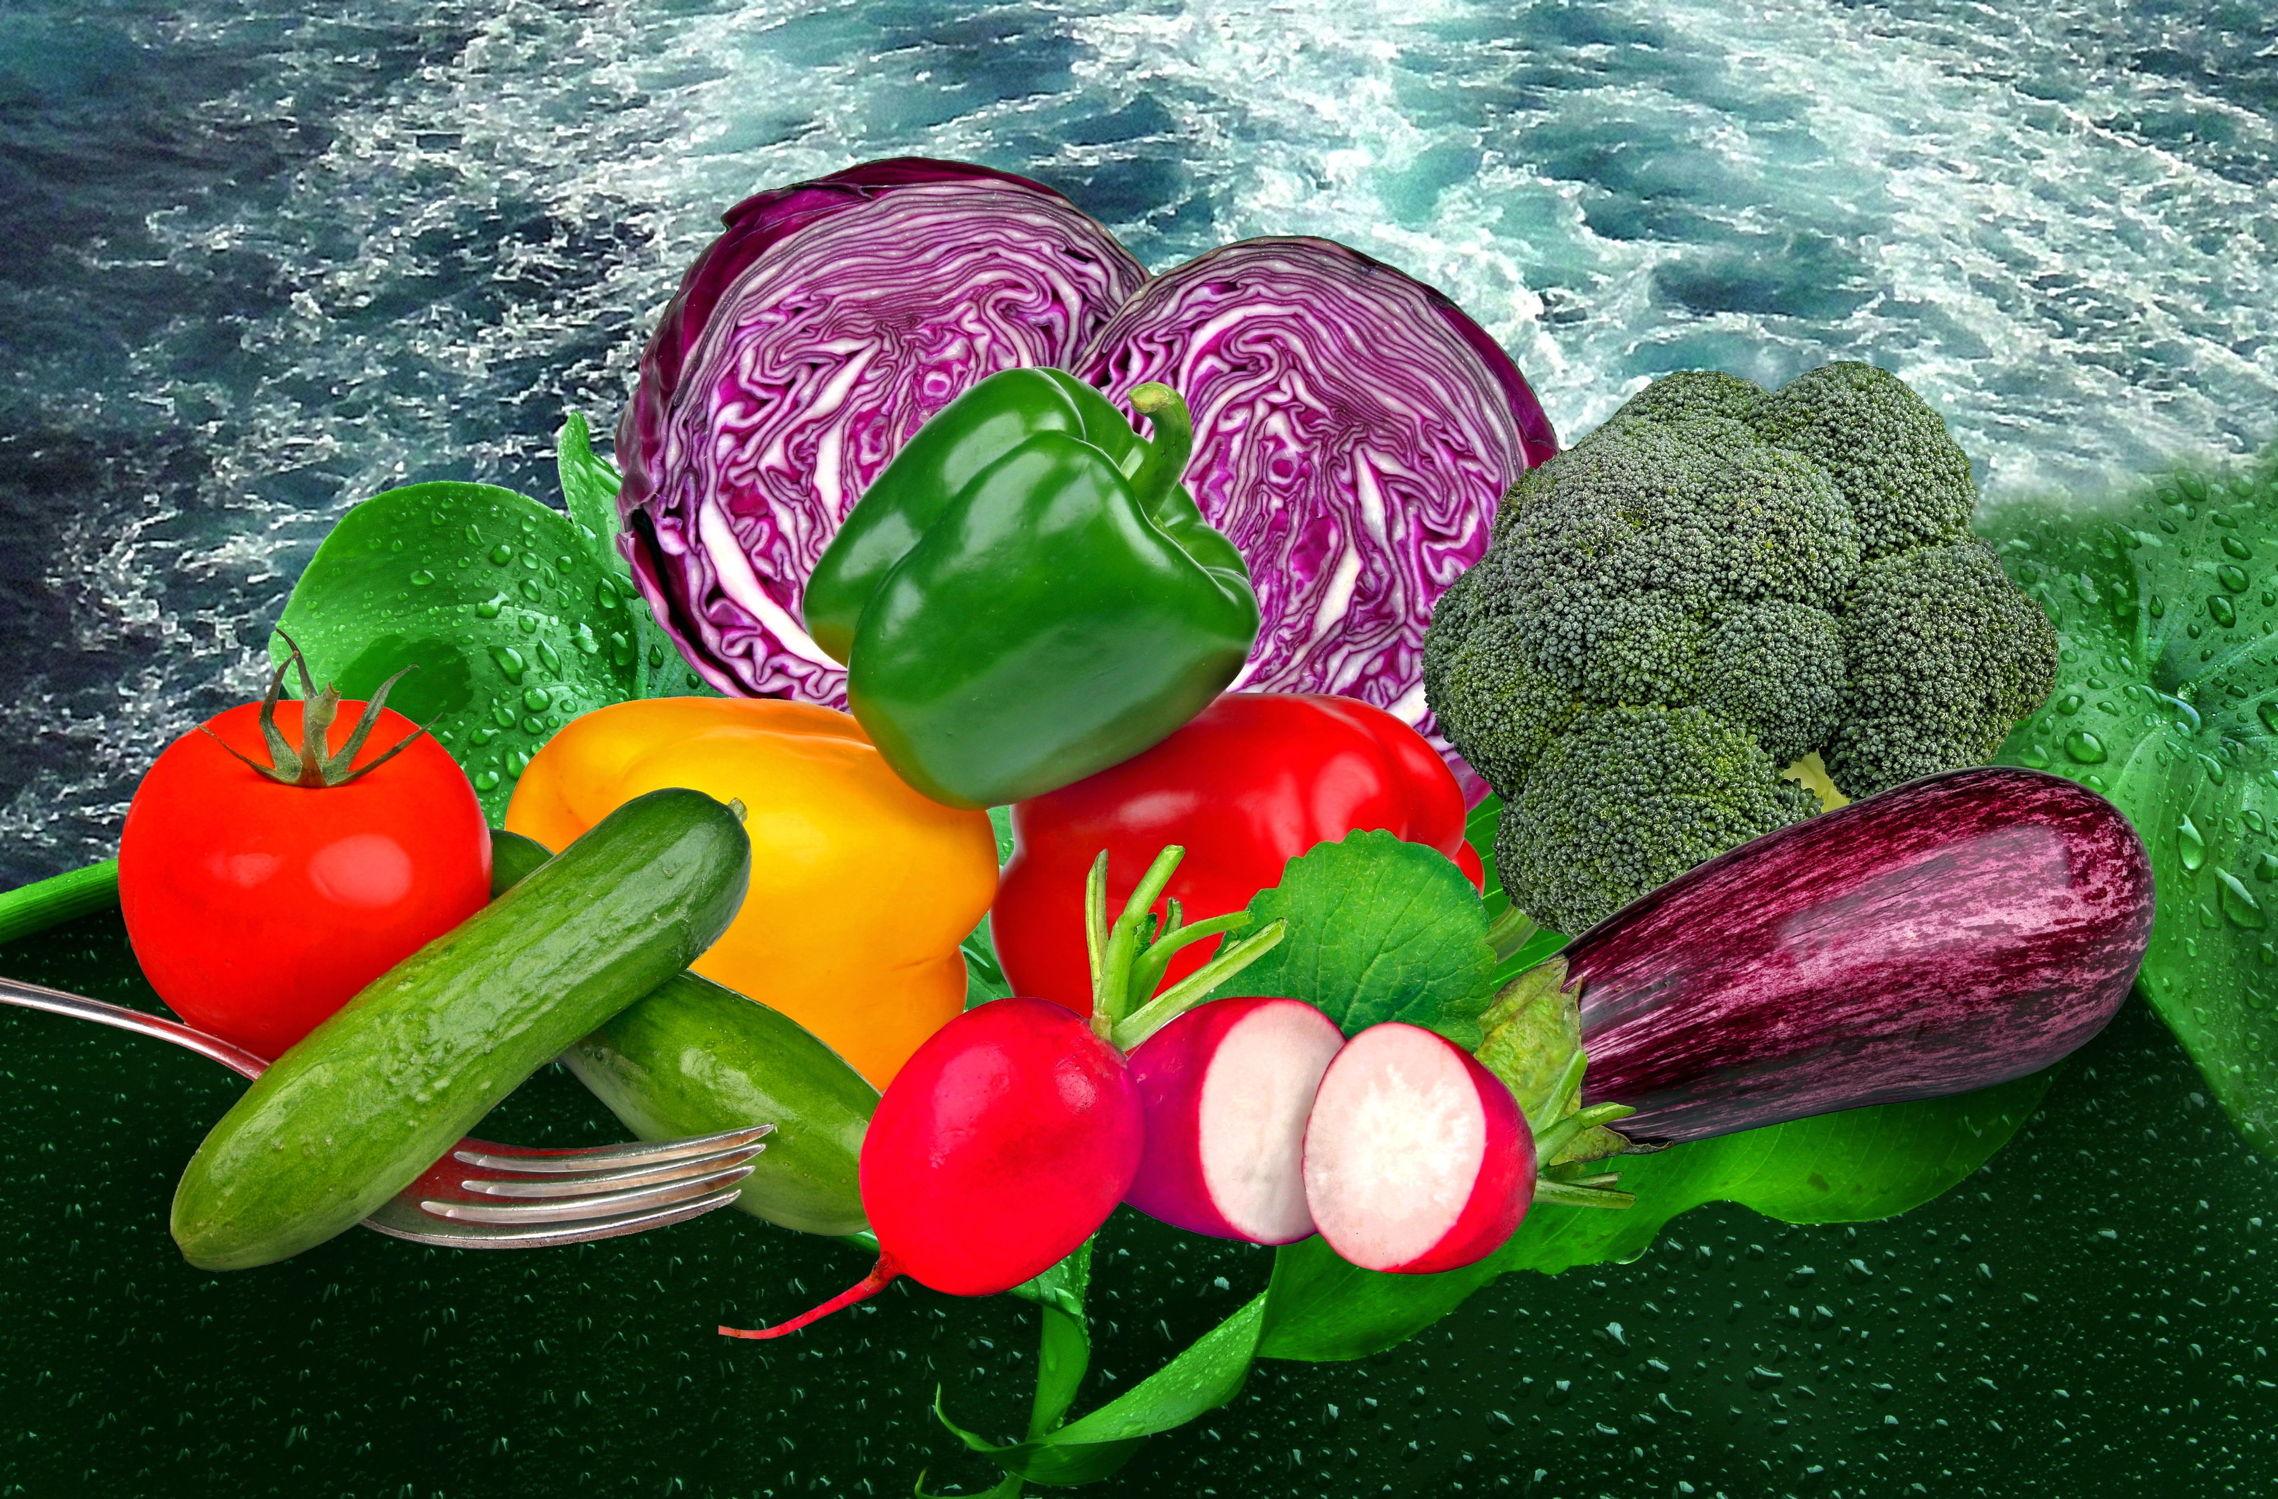 Bild mit Wasser, Gemüse, Küchenbild, See, Wassertropfen, Weintrauben, Küchenbilder, Küche